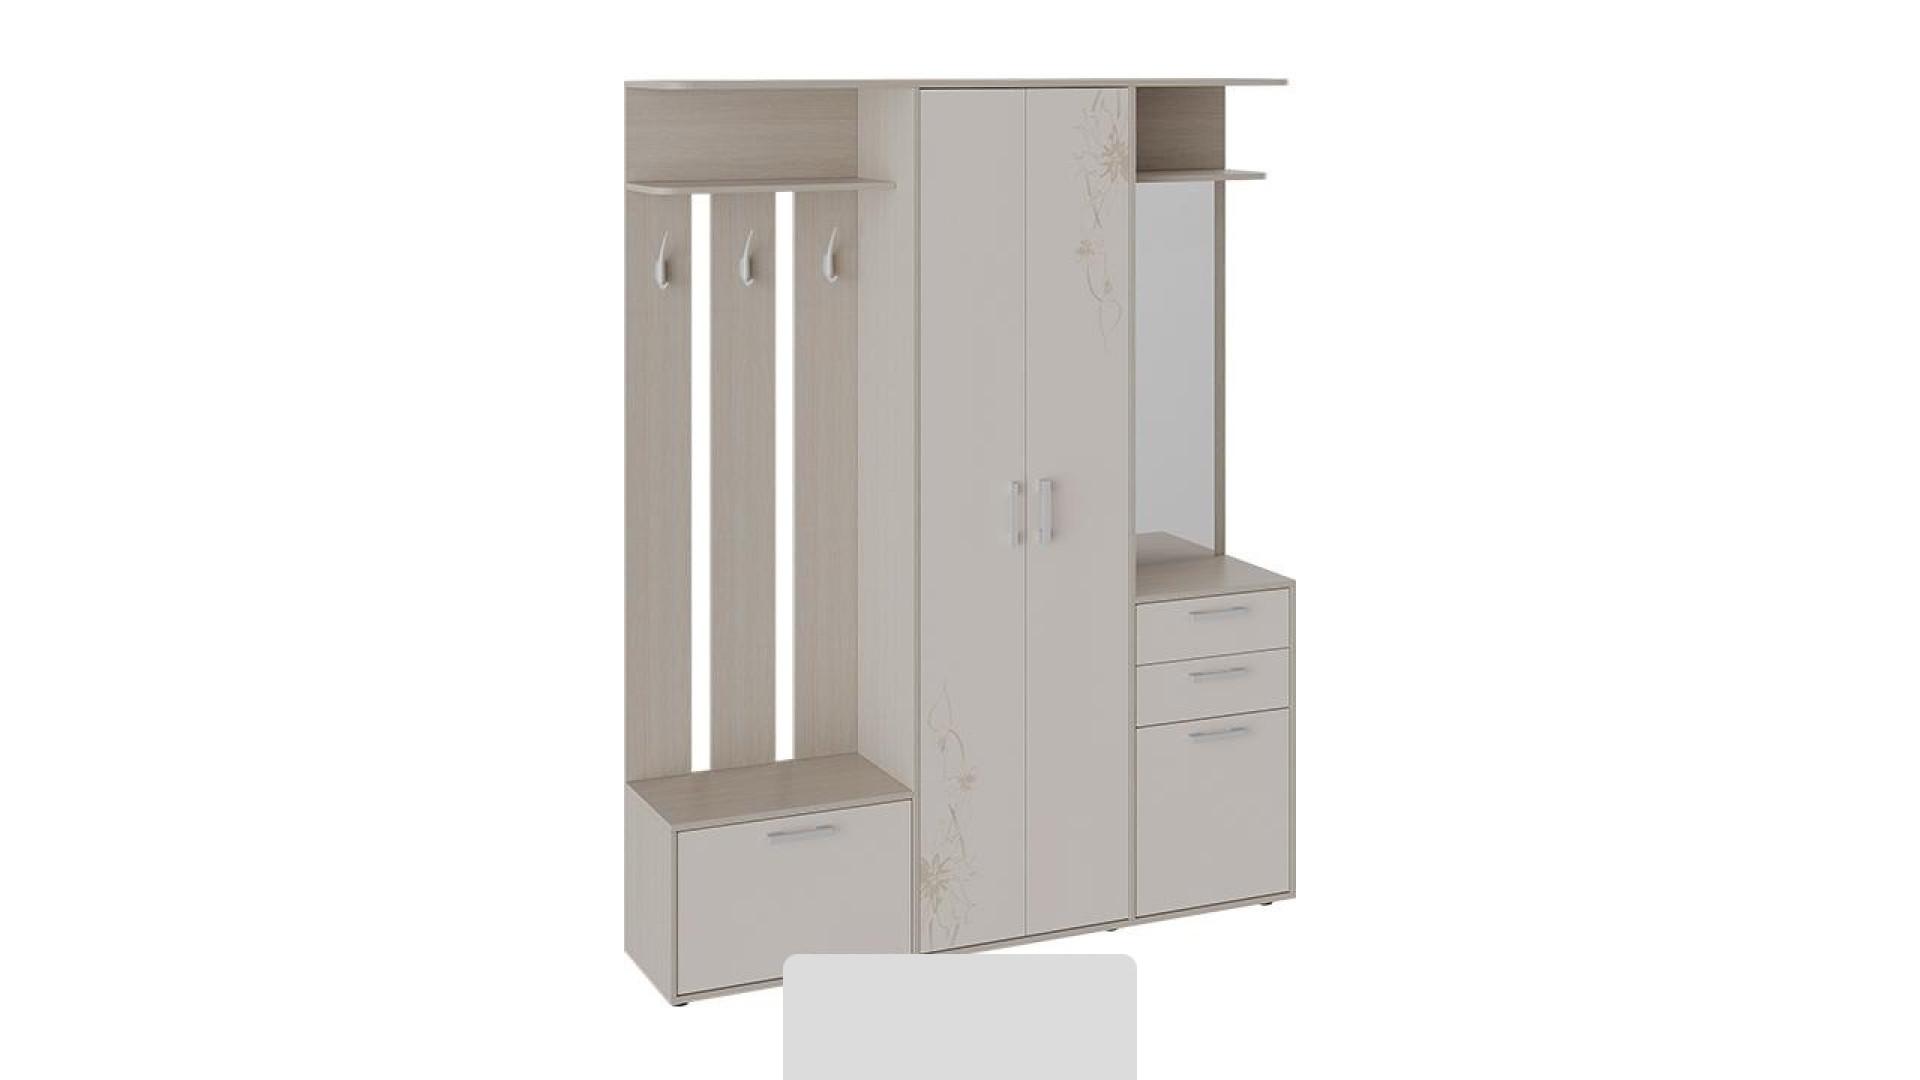 Набор мебели для прихожей Витра Тип 2 (Ясень шимо/Бежевый фон глянец с рисунком)